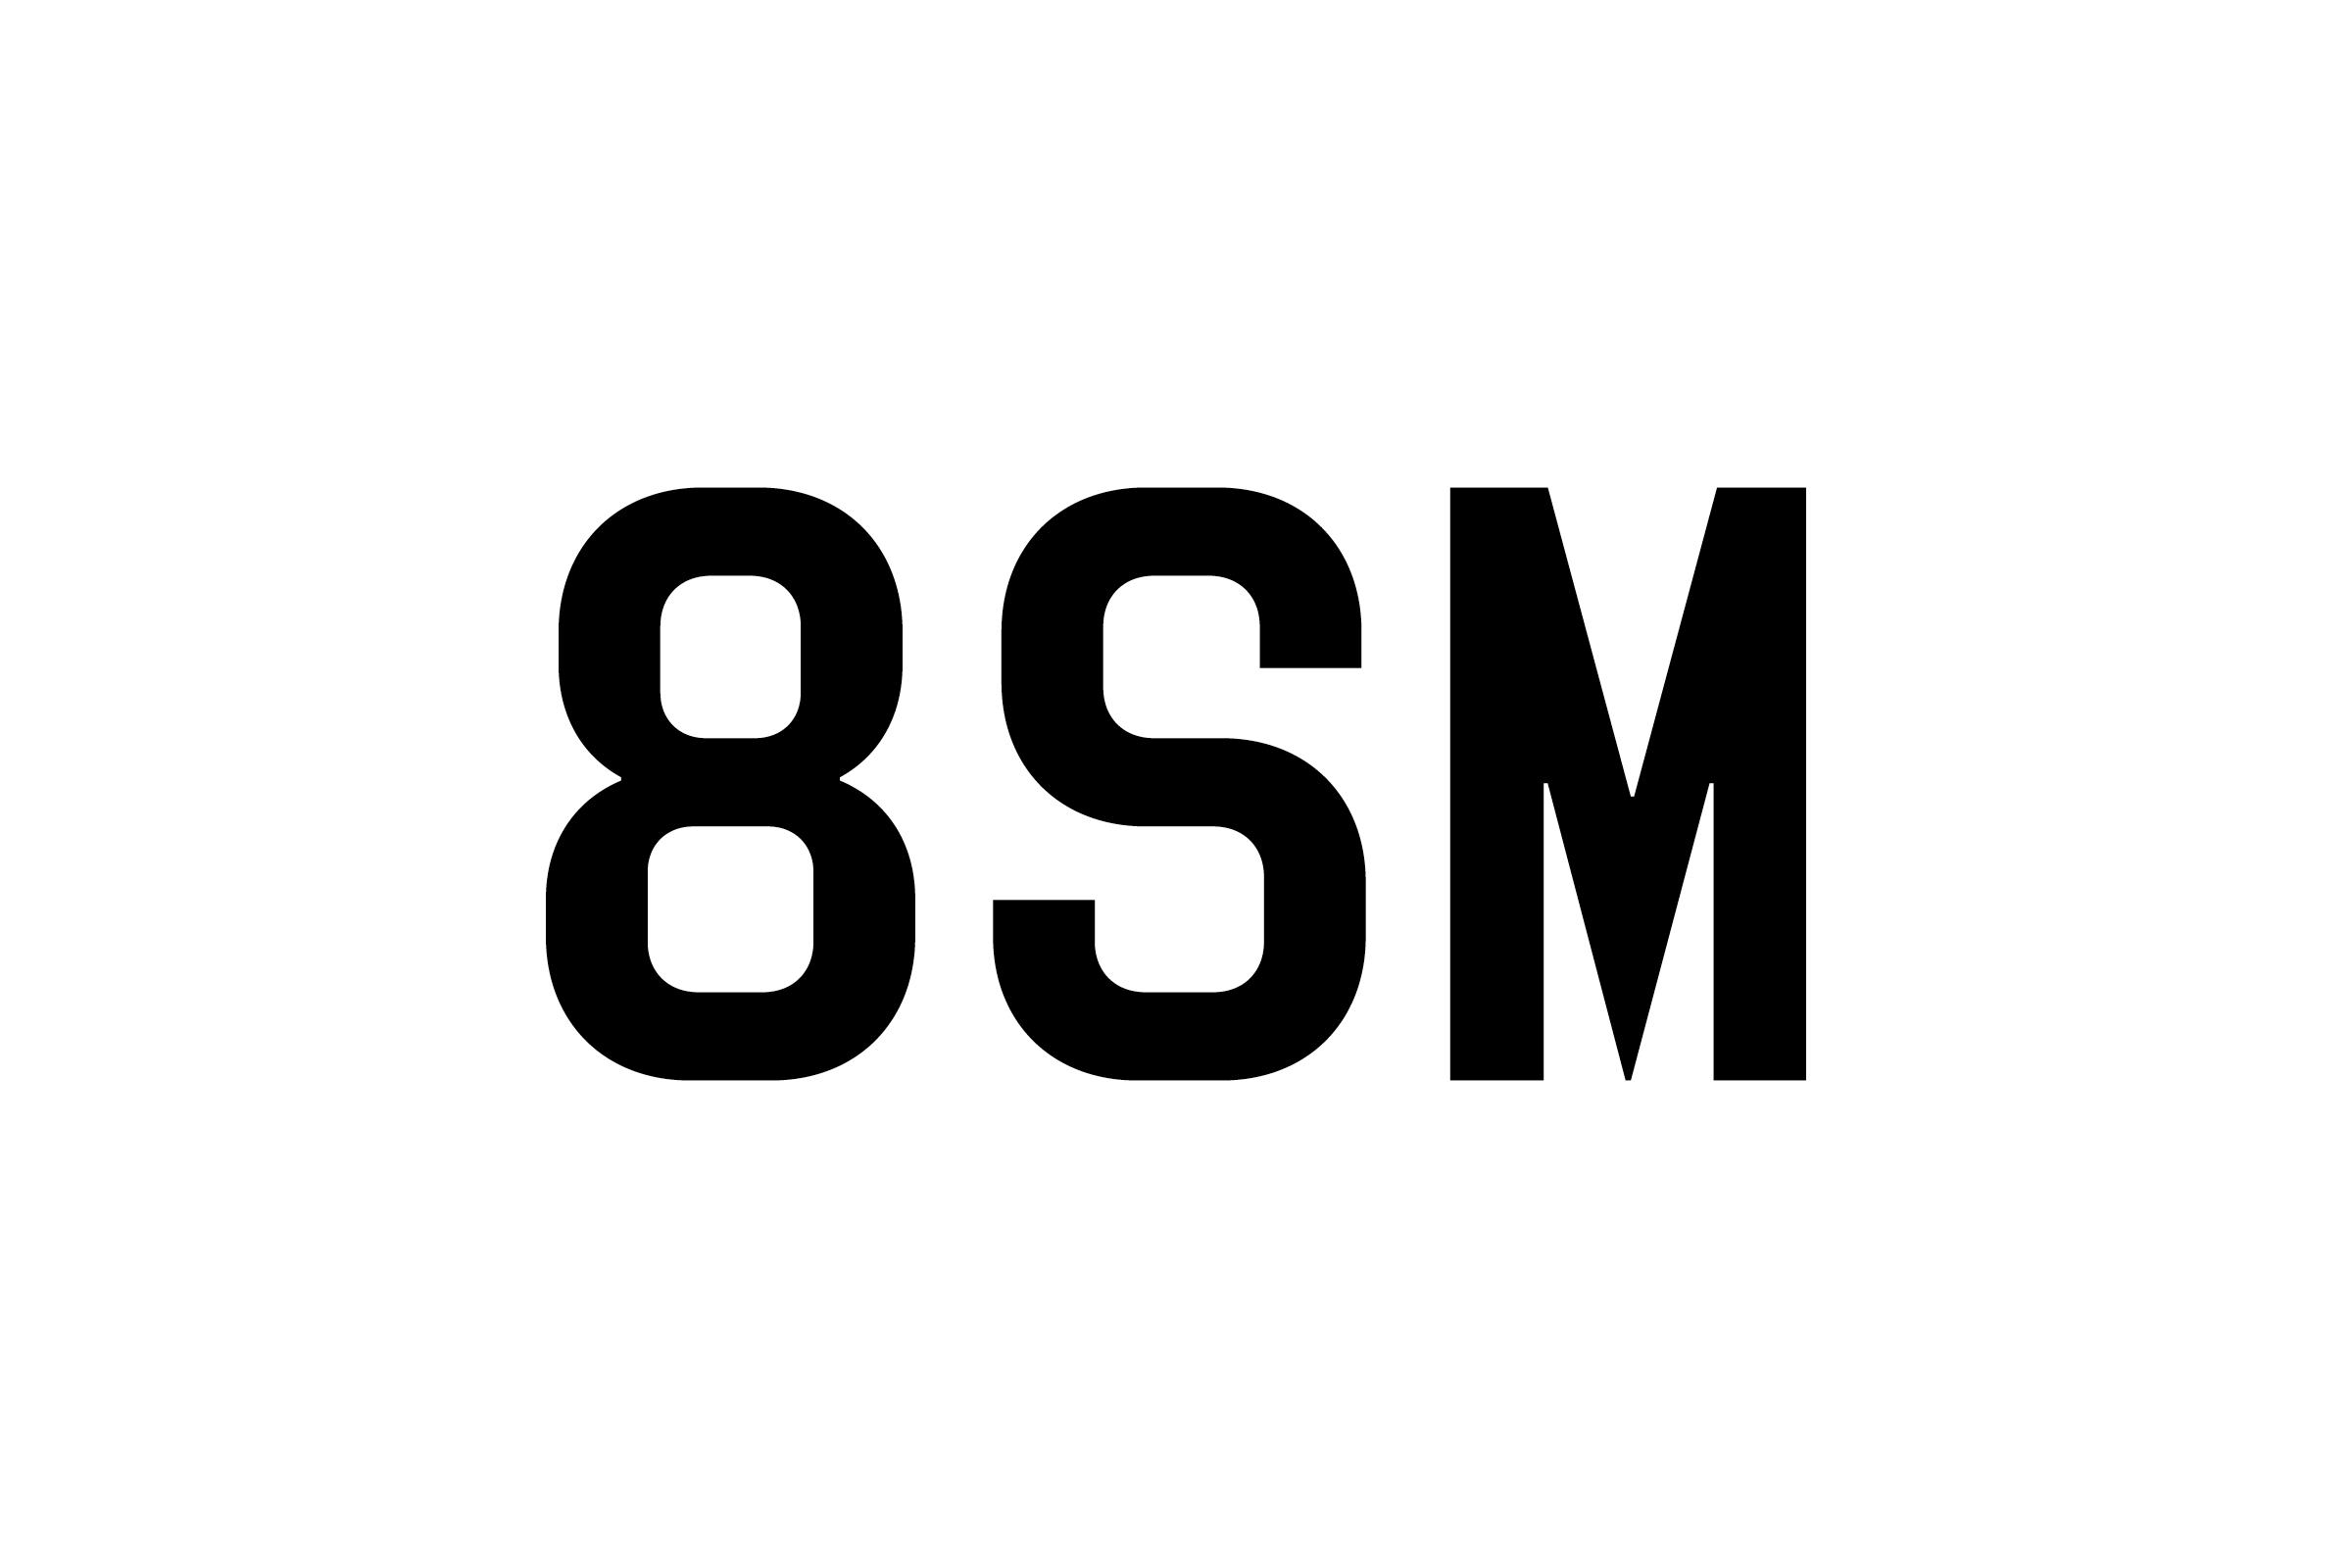 8smička